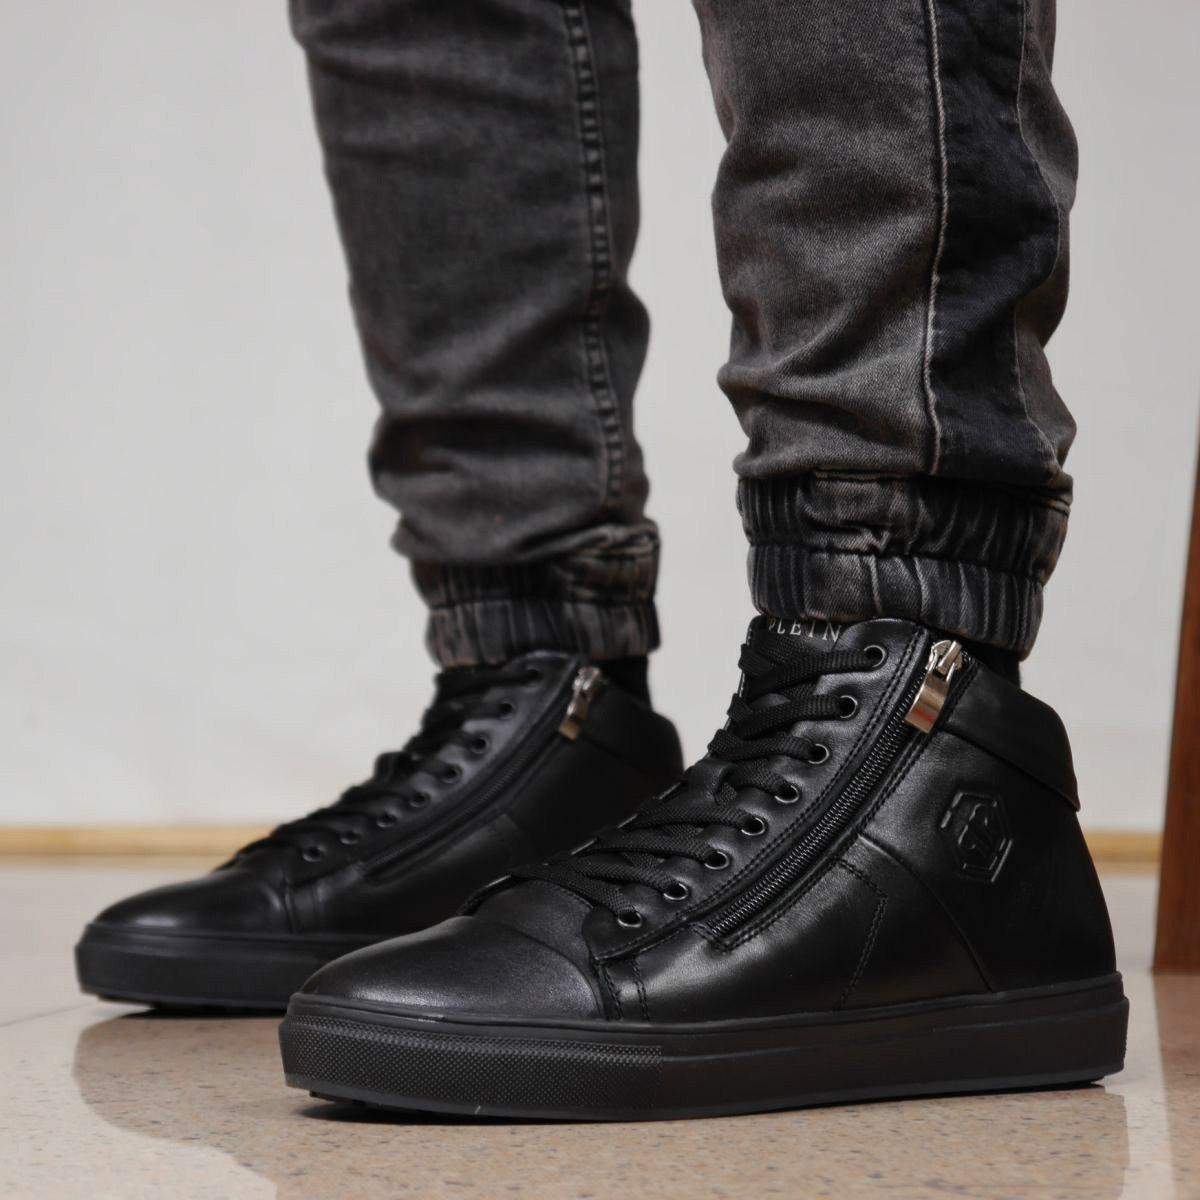 Зимние мужские черные ботинки Philipp Plein Филипп Плейн из натуральной кожи на меху 41 размер